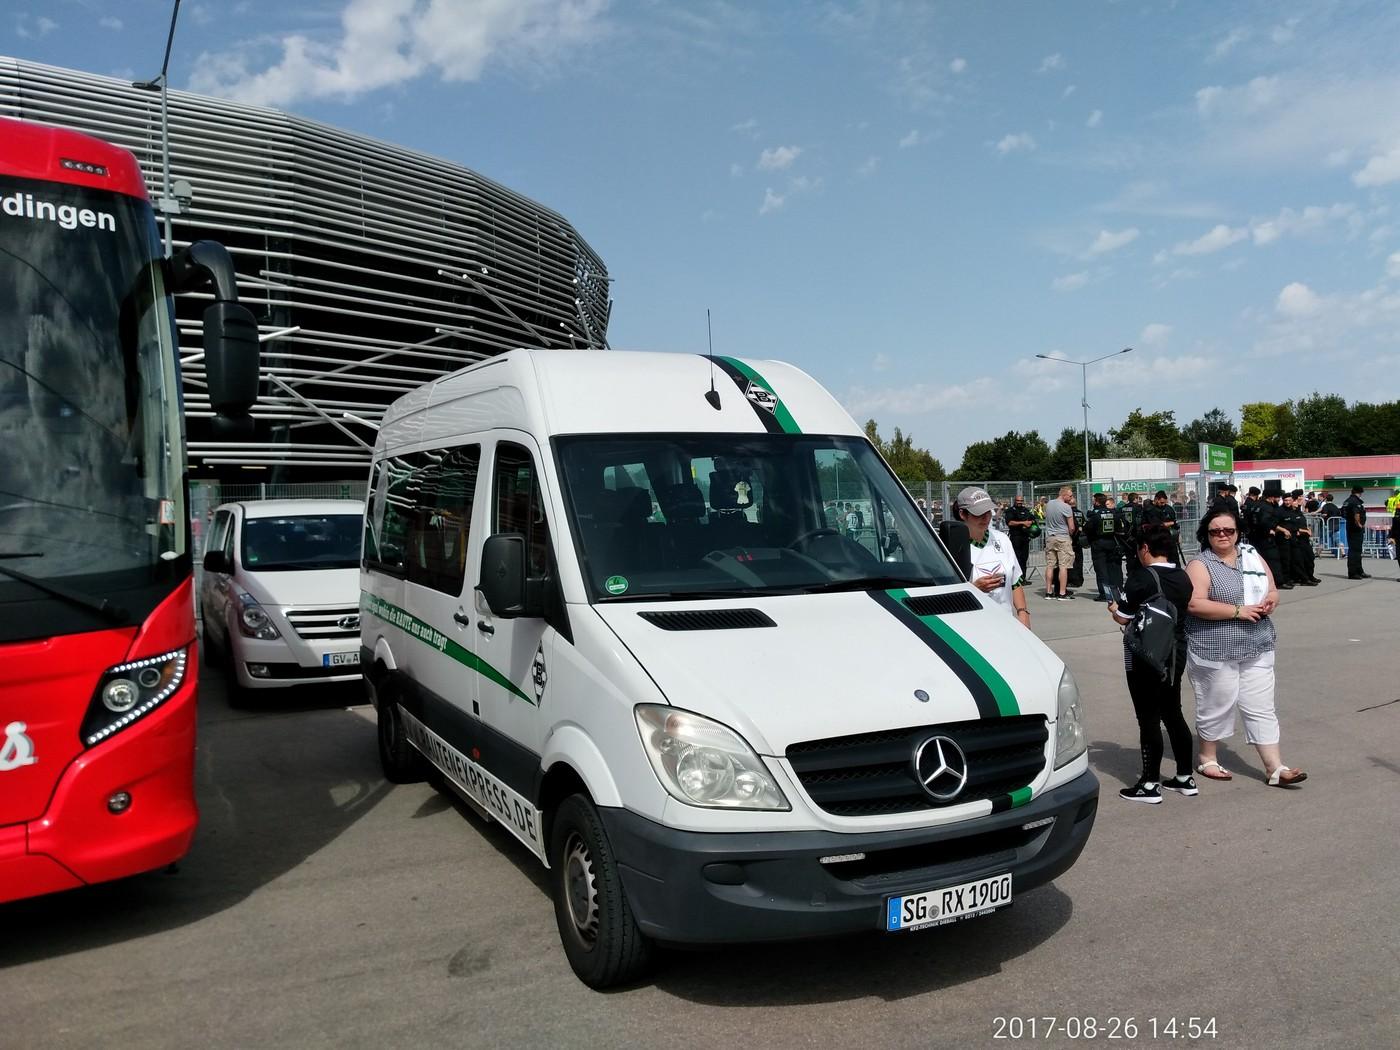 Parkplatz für den Rautenexpress direkt an der WWK-Arena